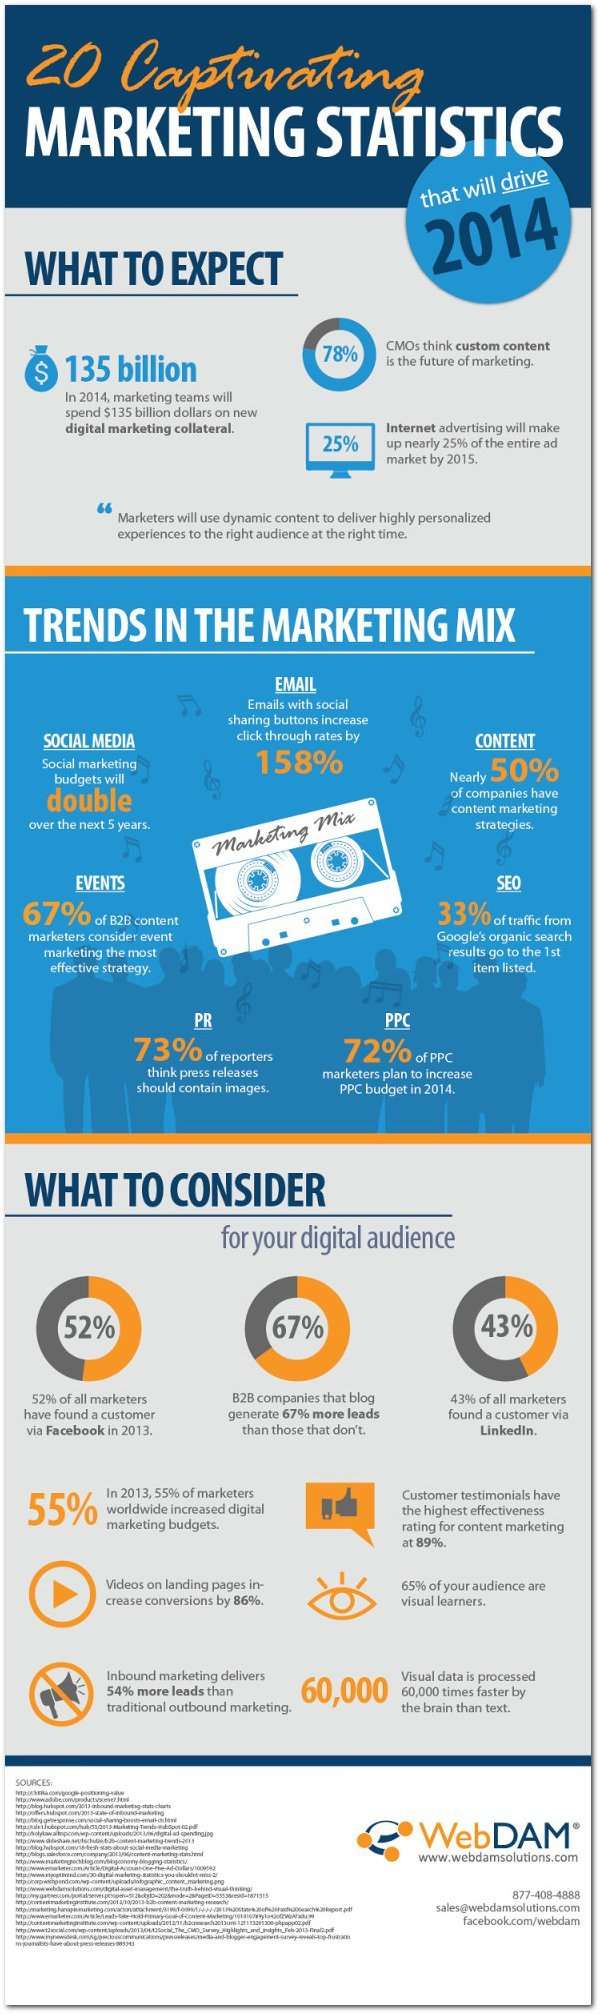 webdam-marketing-strategies-2014-infographic